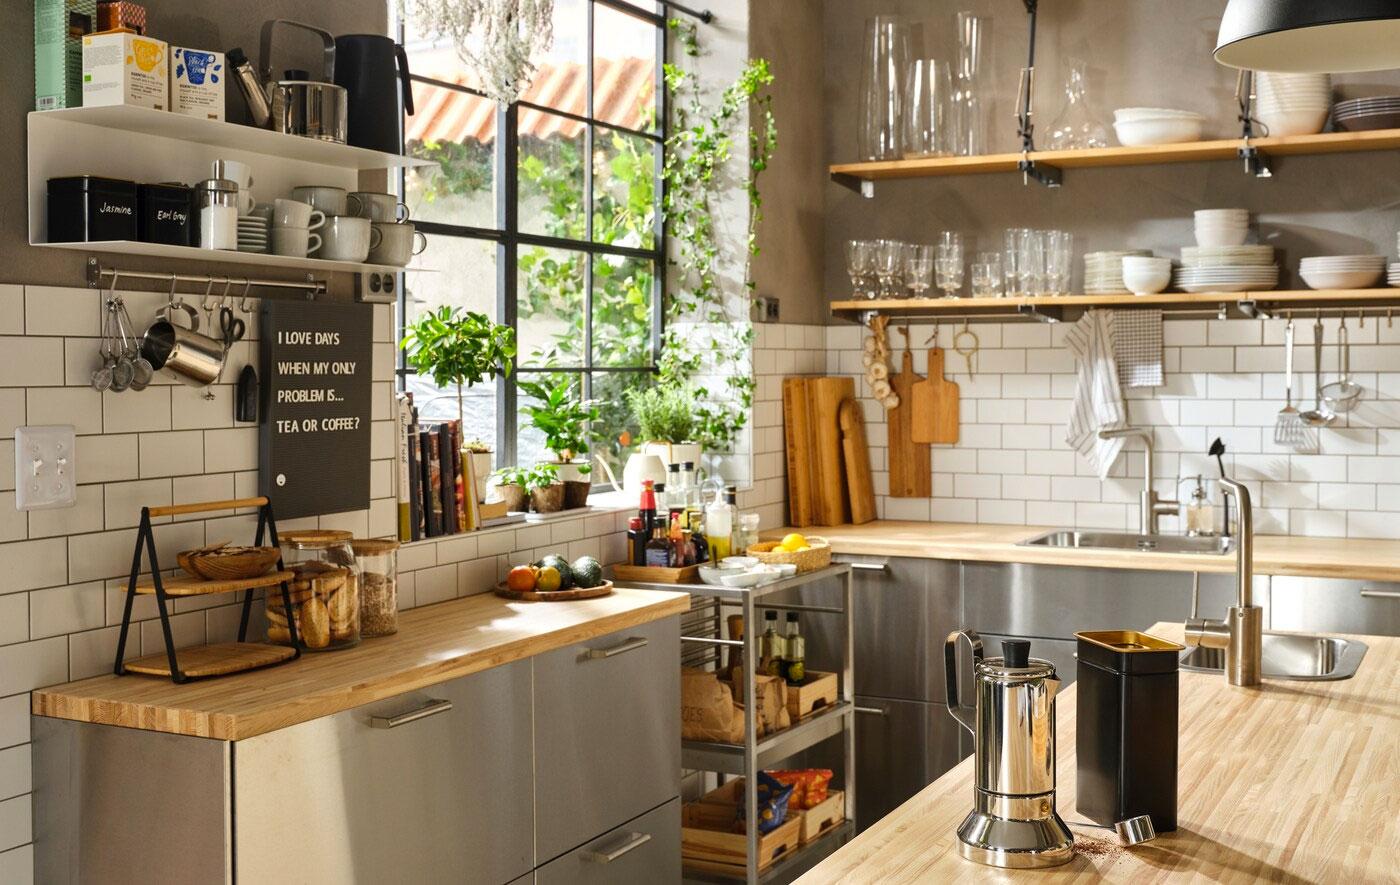 The genius kitchen